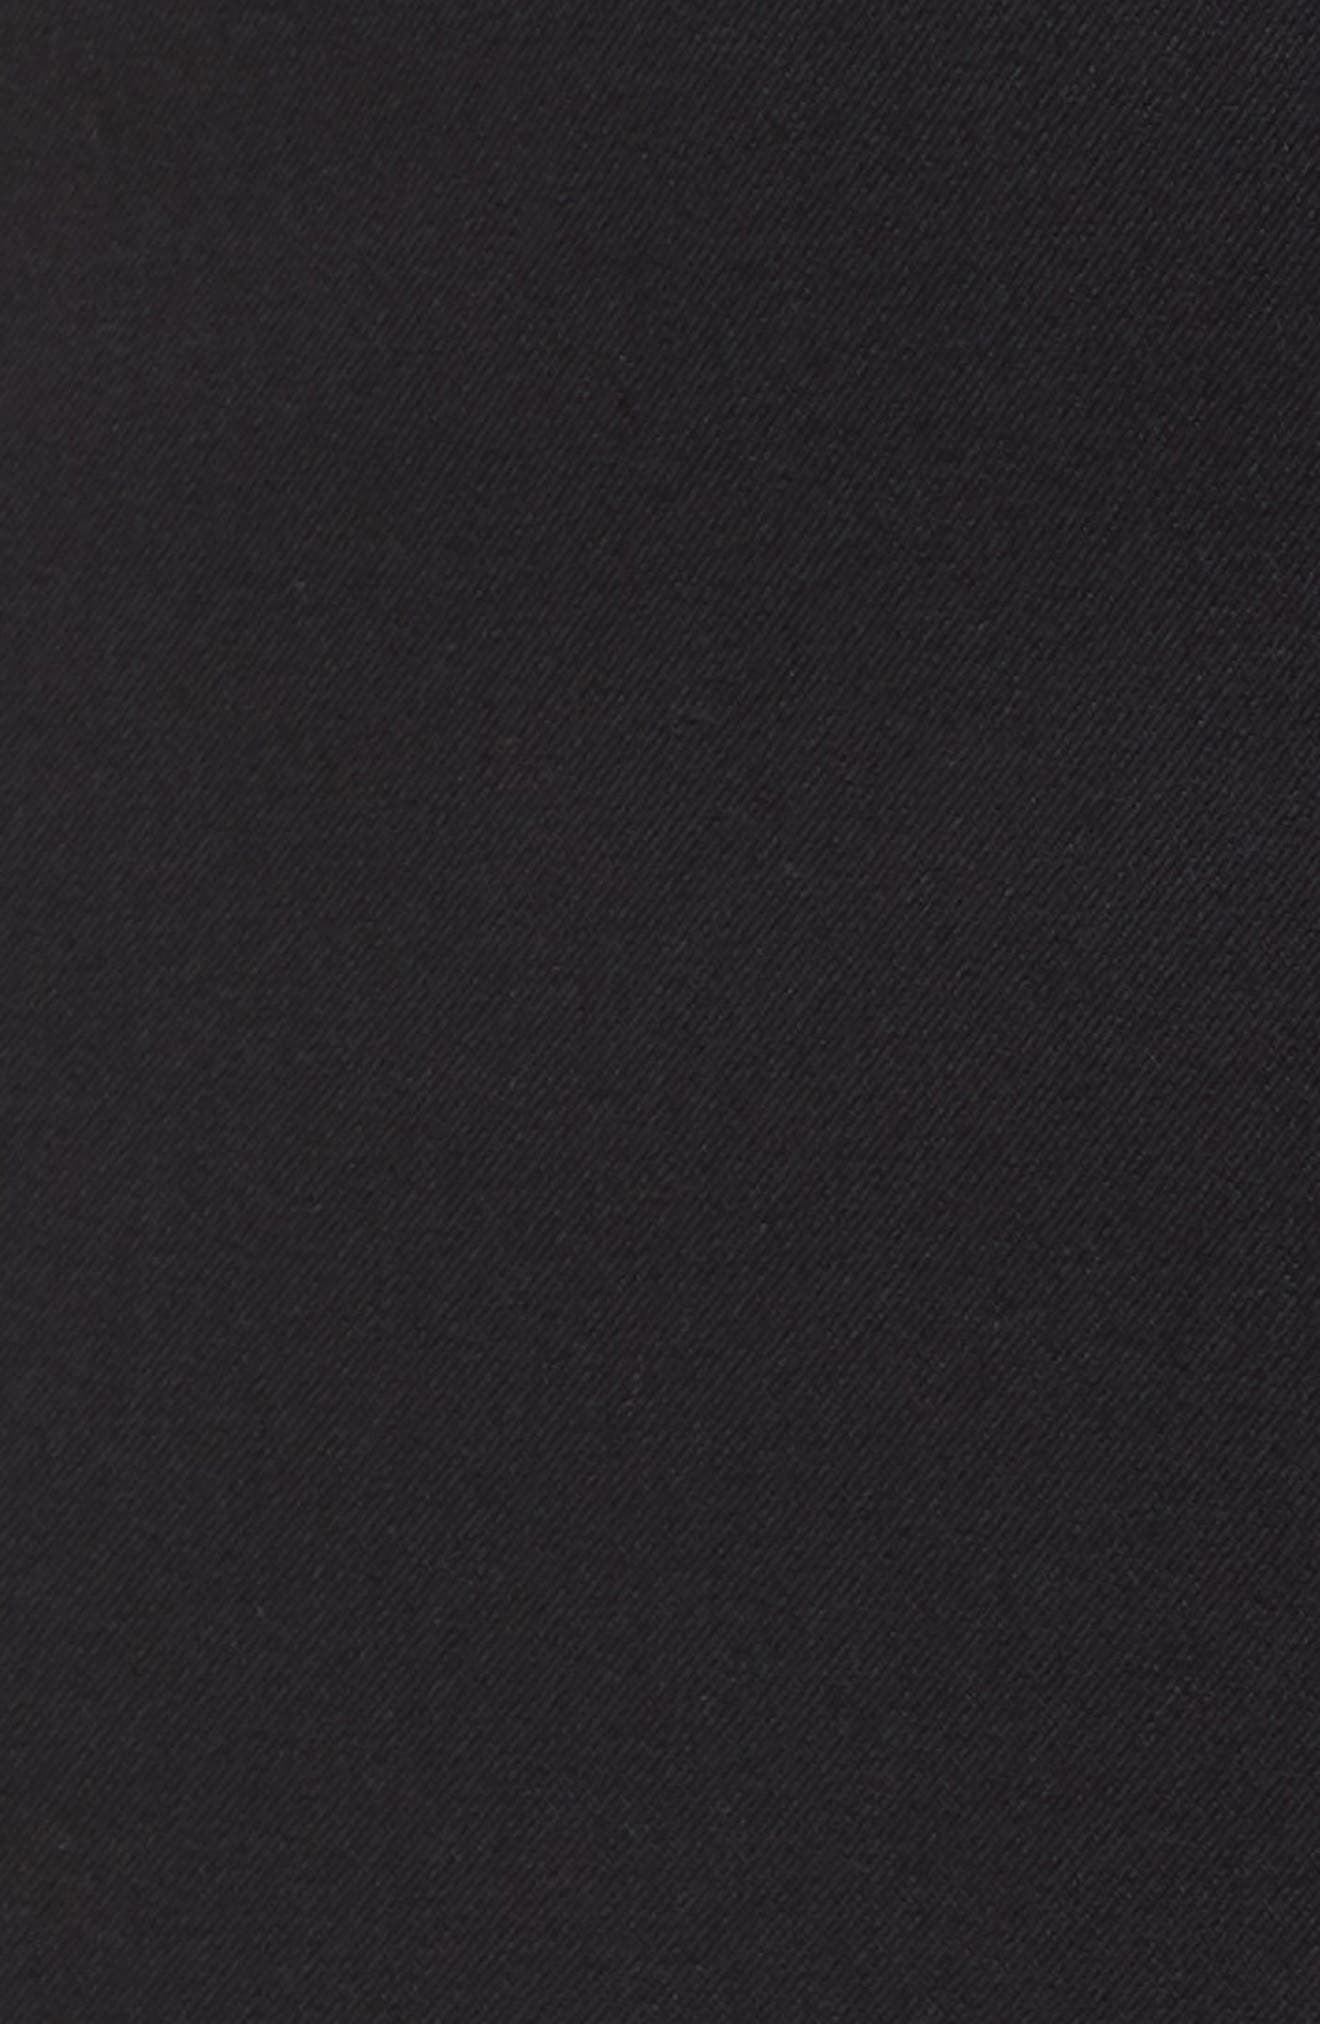 Zip Taper Pants,                             Alternate thumbnail 6, color,                             BLACK